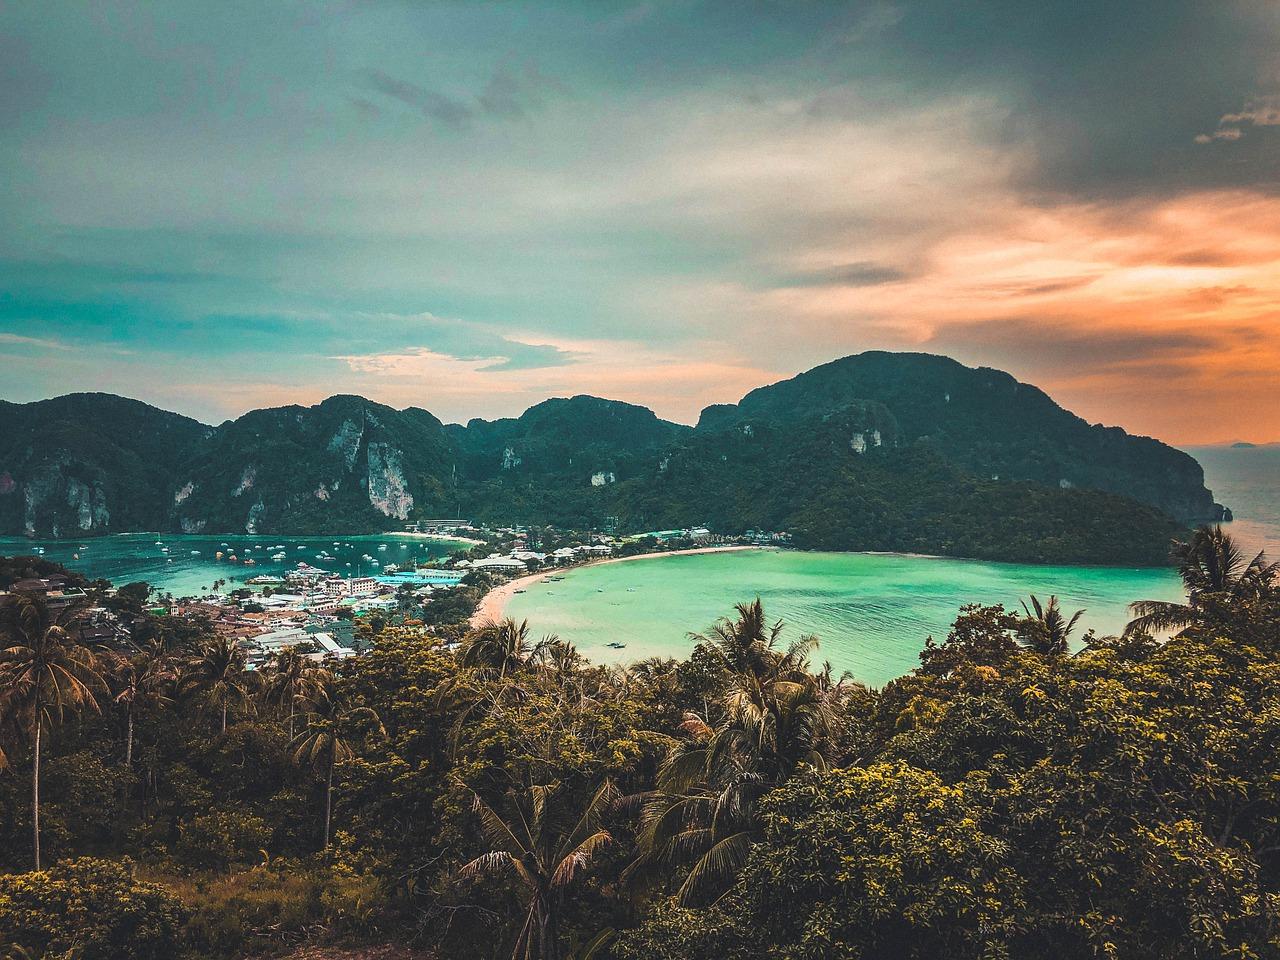 Mare a dicembre in Thailandia